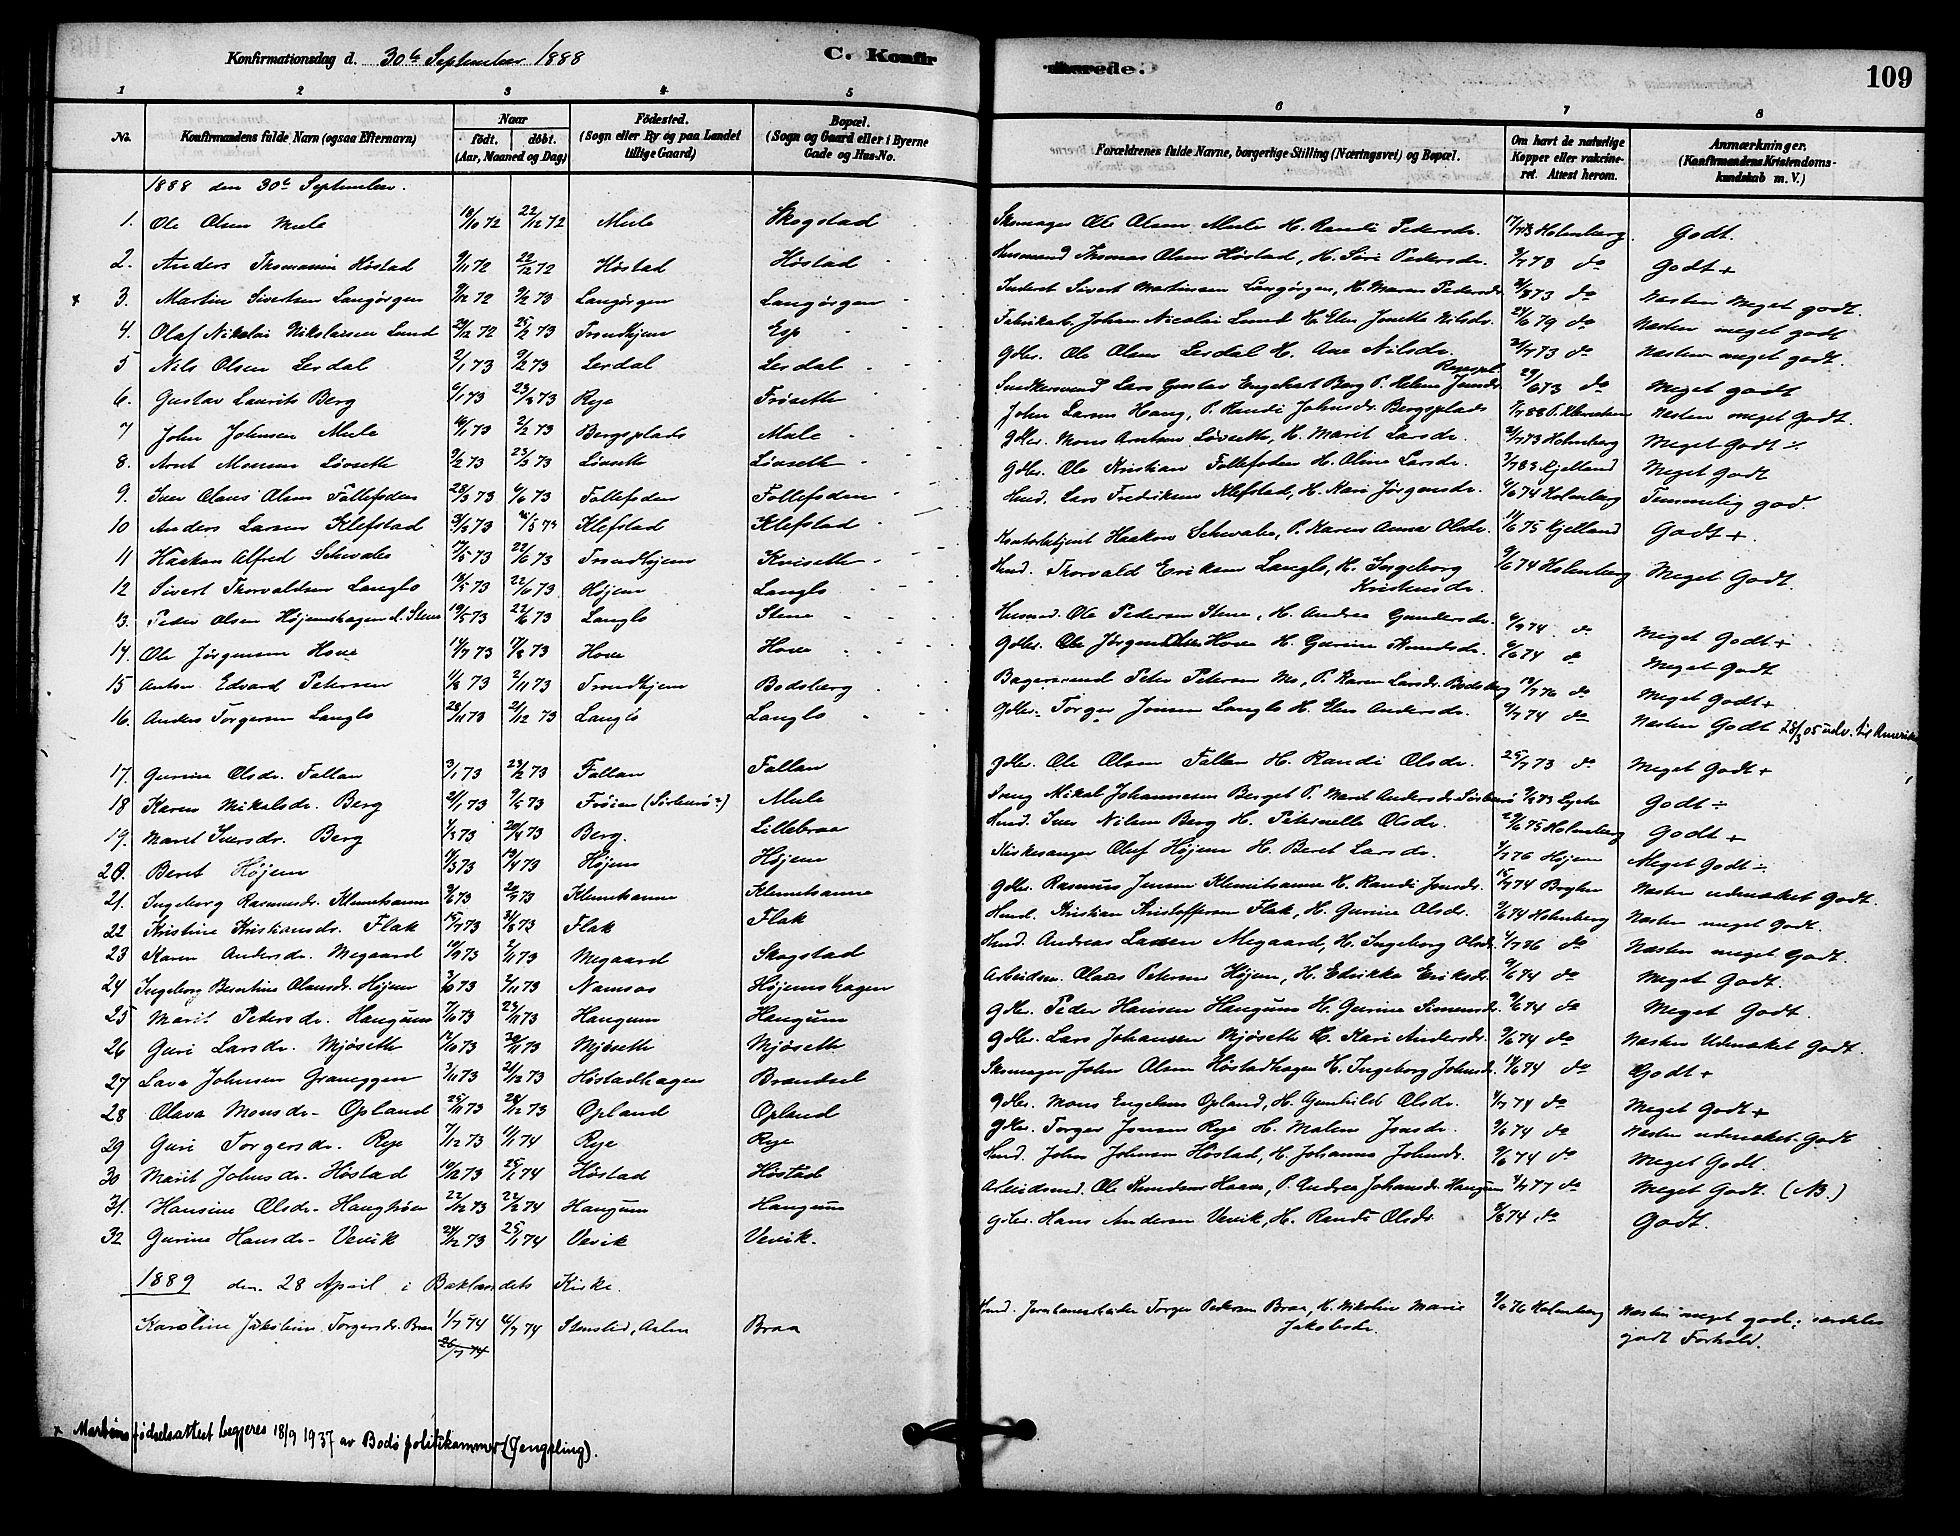 SAT, Ministerialprotokoller, klokkerbøker og fødselsregistre - Sør-Trøndelag, 612/L0378: Ministerialbok nr. 612A10, 1878-1897, s. 109